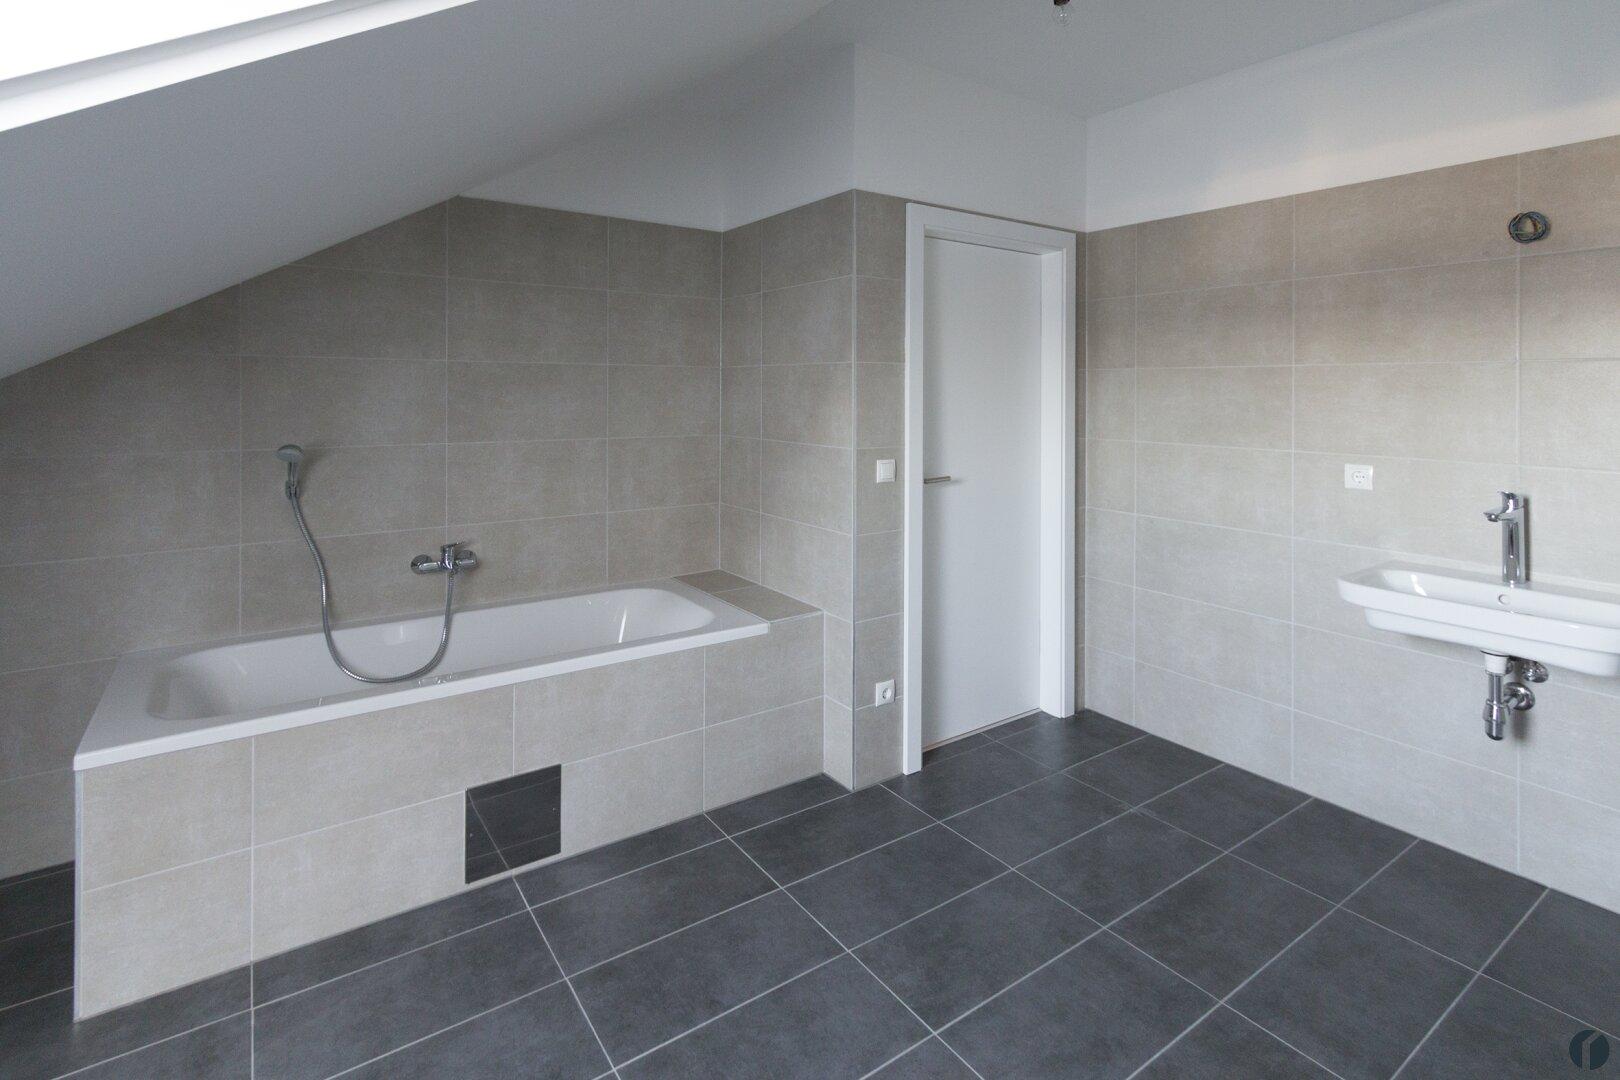 Musterwohnung Badezimmer mit Badewanne und Dusche